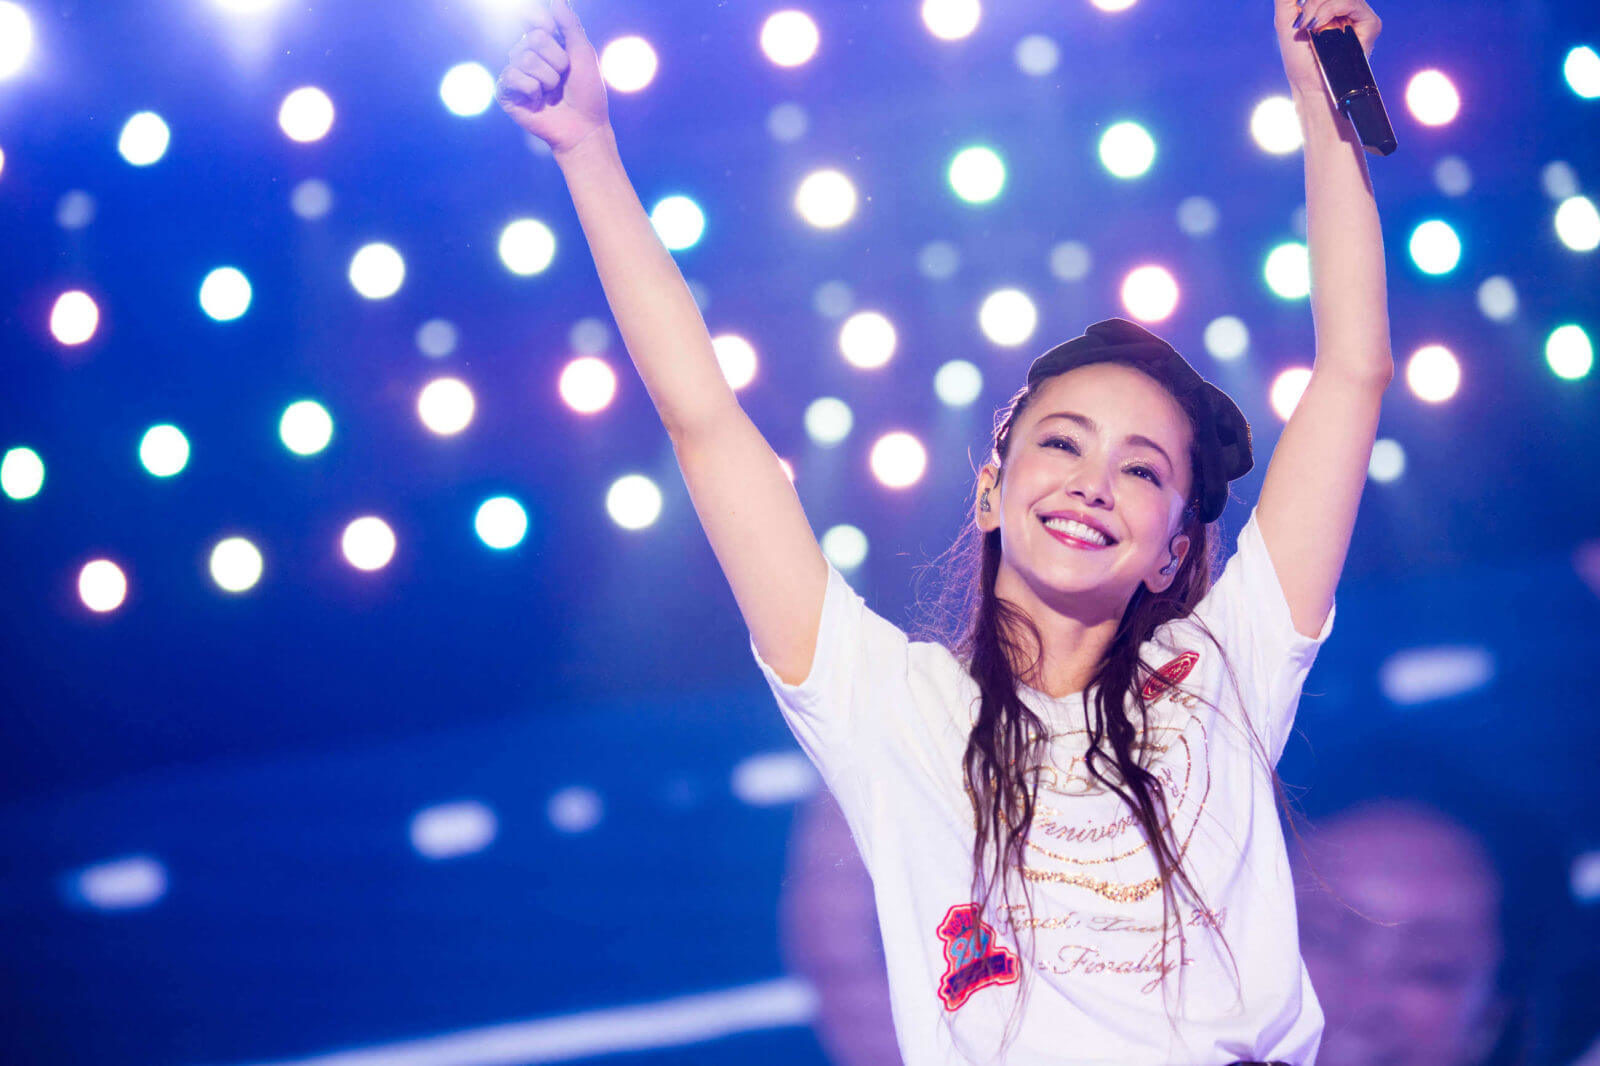 イモト号泣!安室奈美恵との対談前に言われたスタッフからの言葉「あなたの夢を…」サムネイル画像